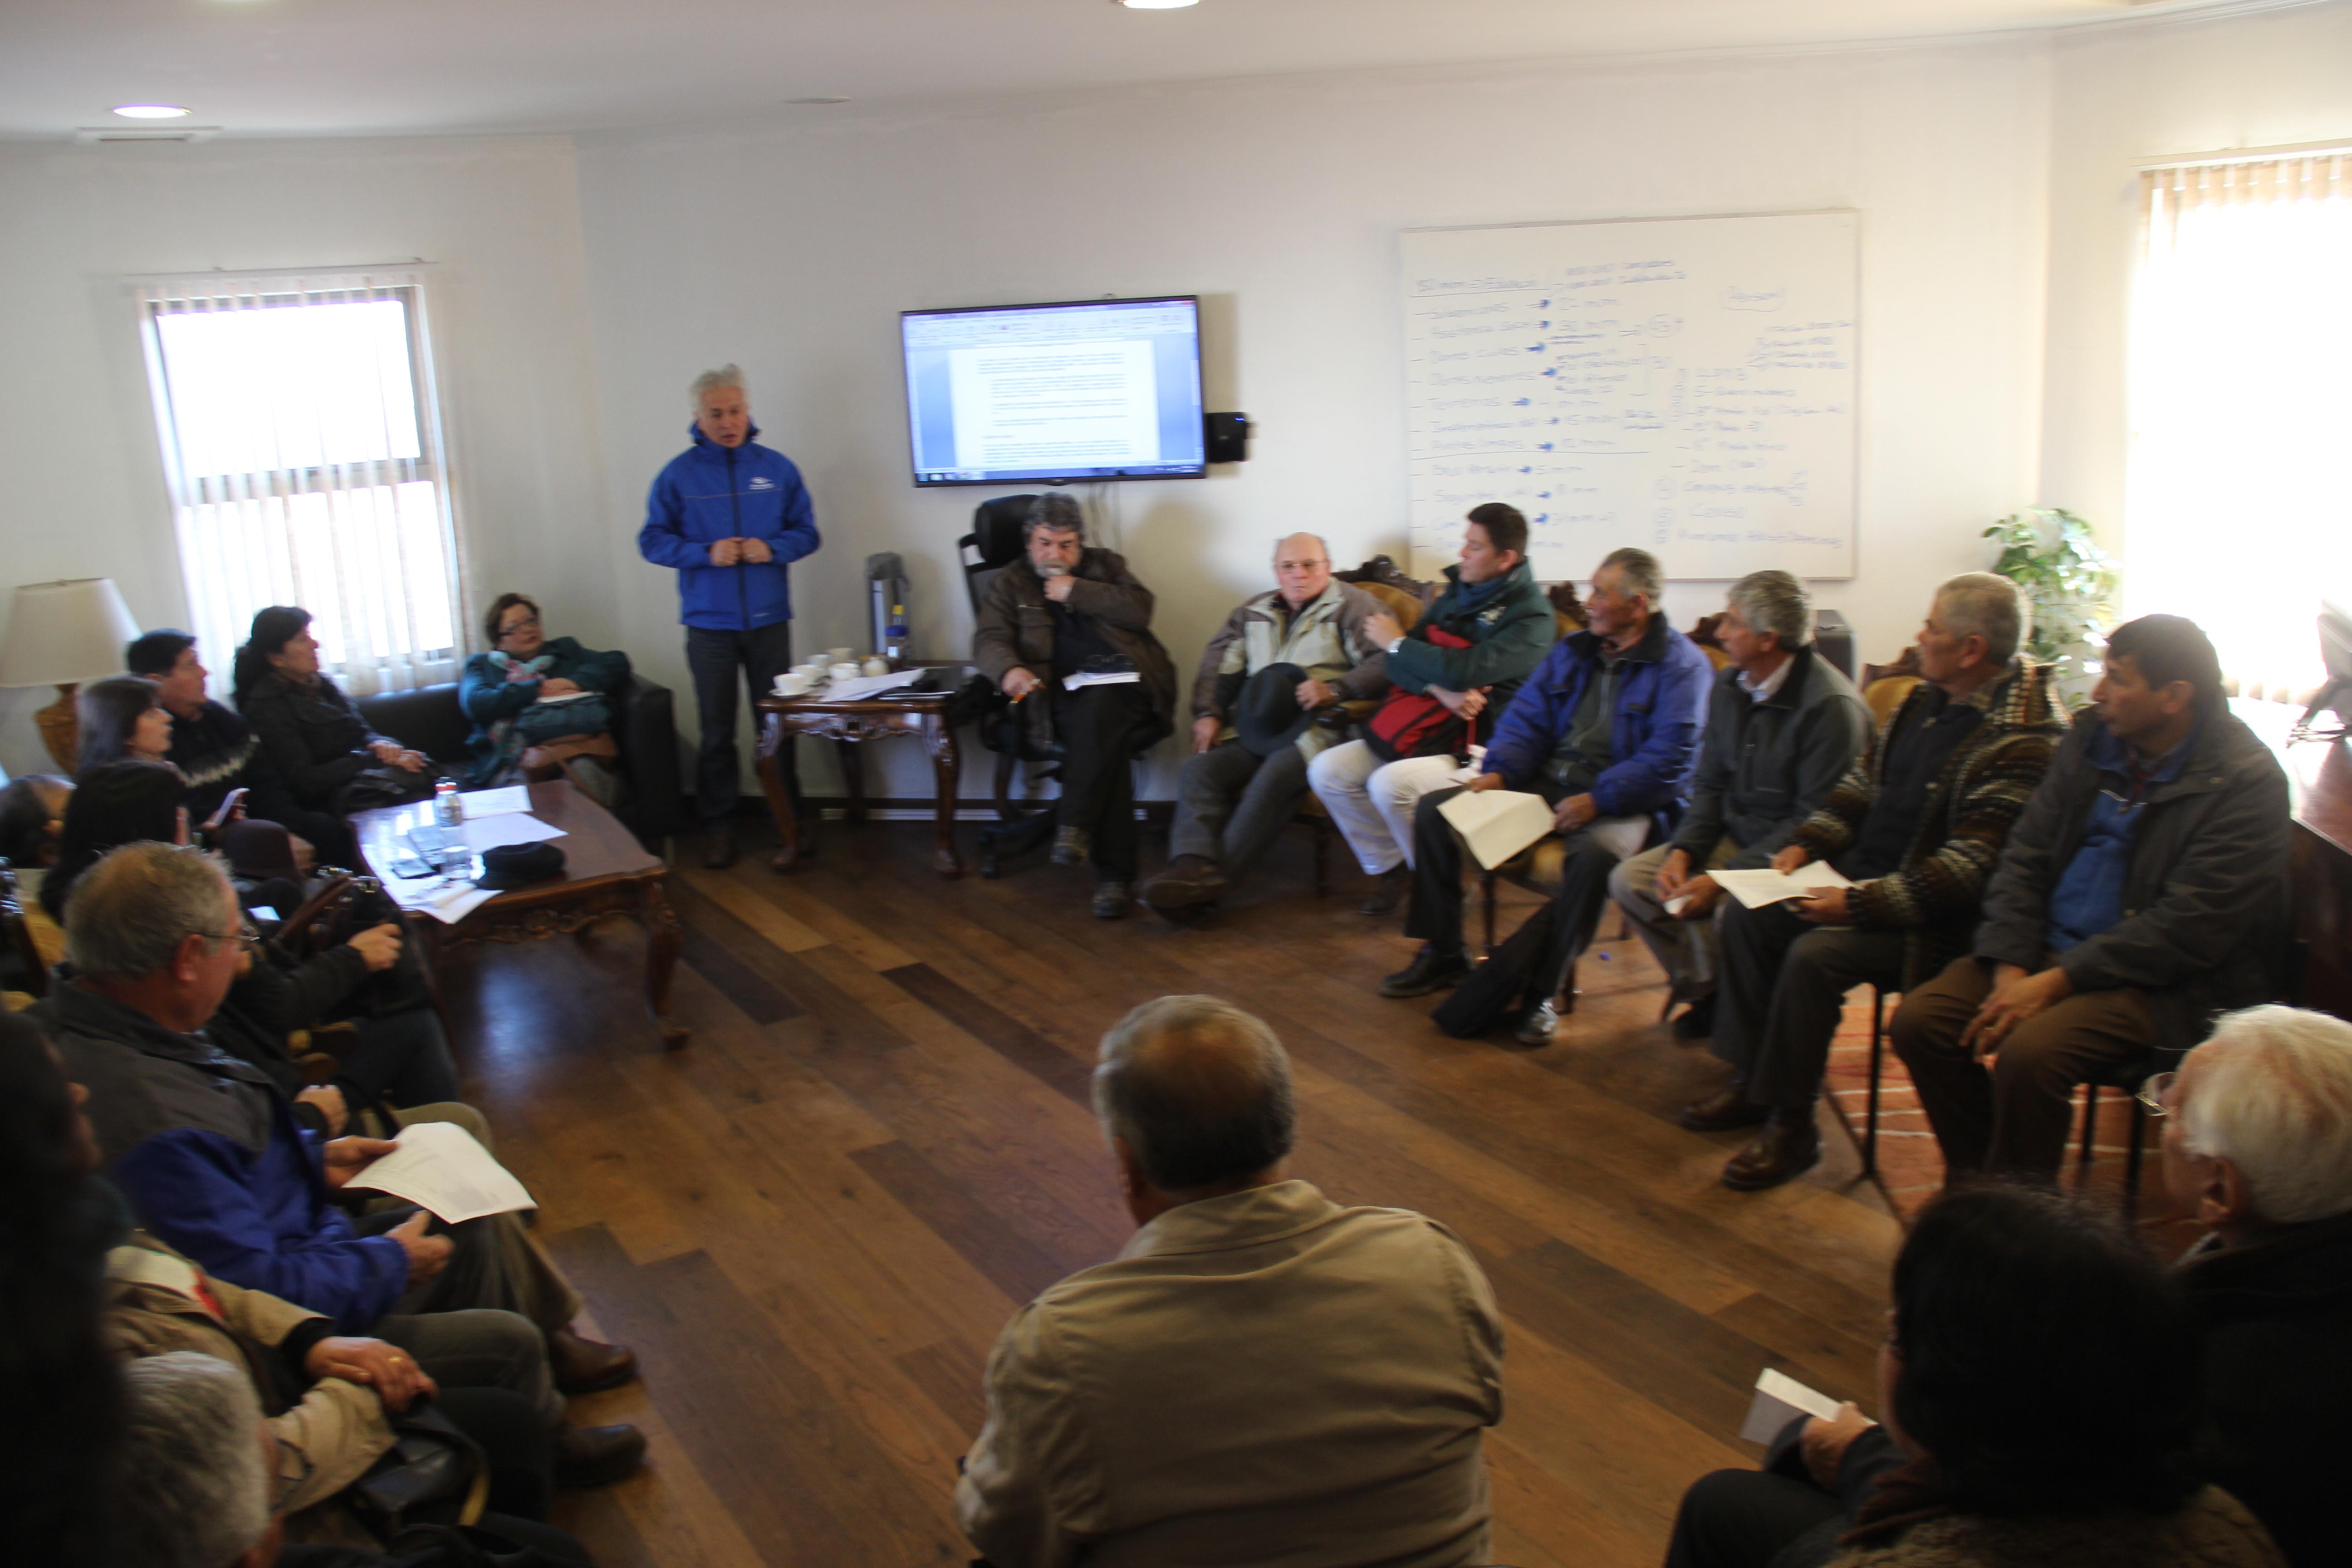 Alcalde de san clemente pidió explicaciones a empresa eléctrica por demora en reposición del suministro de luz